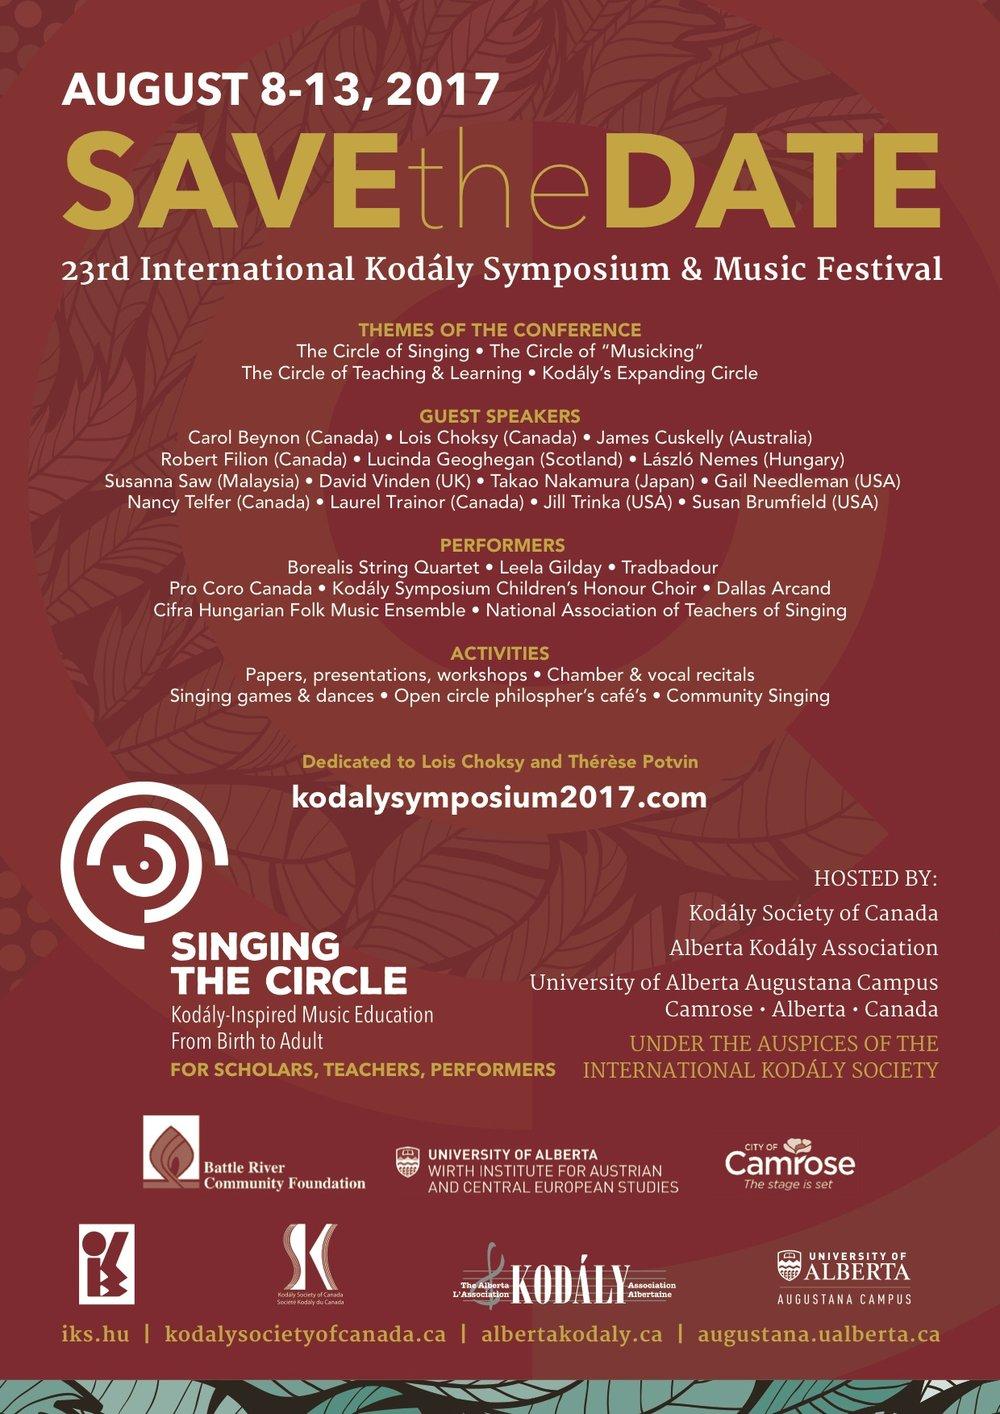 www.kodalysymposium2017.com